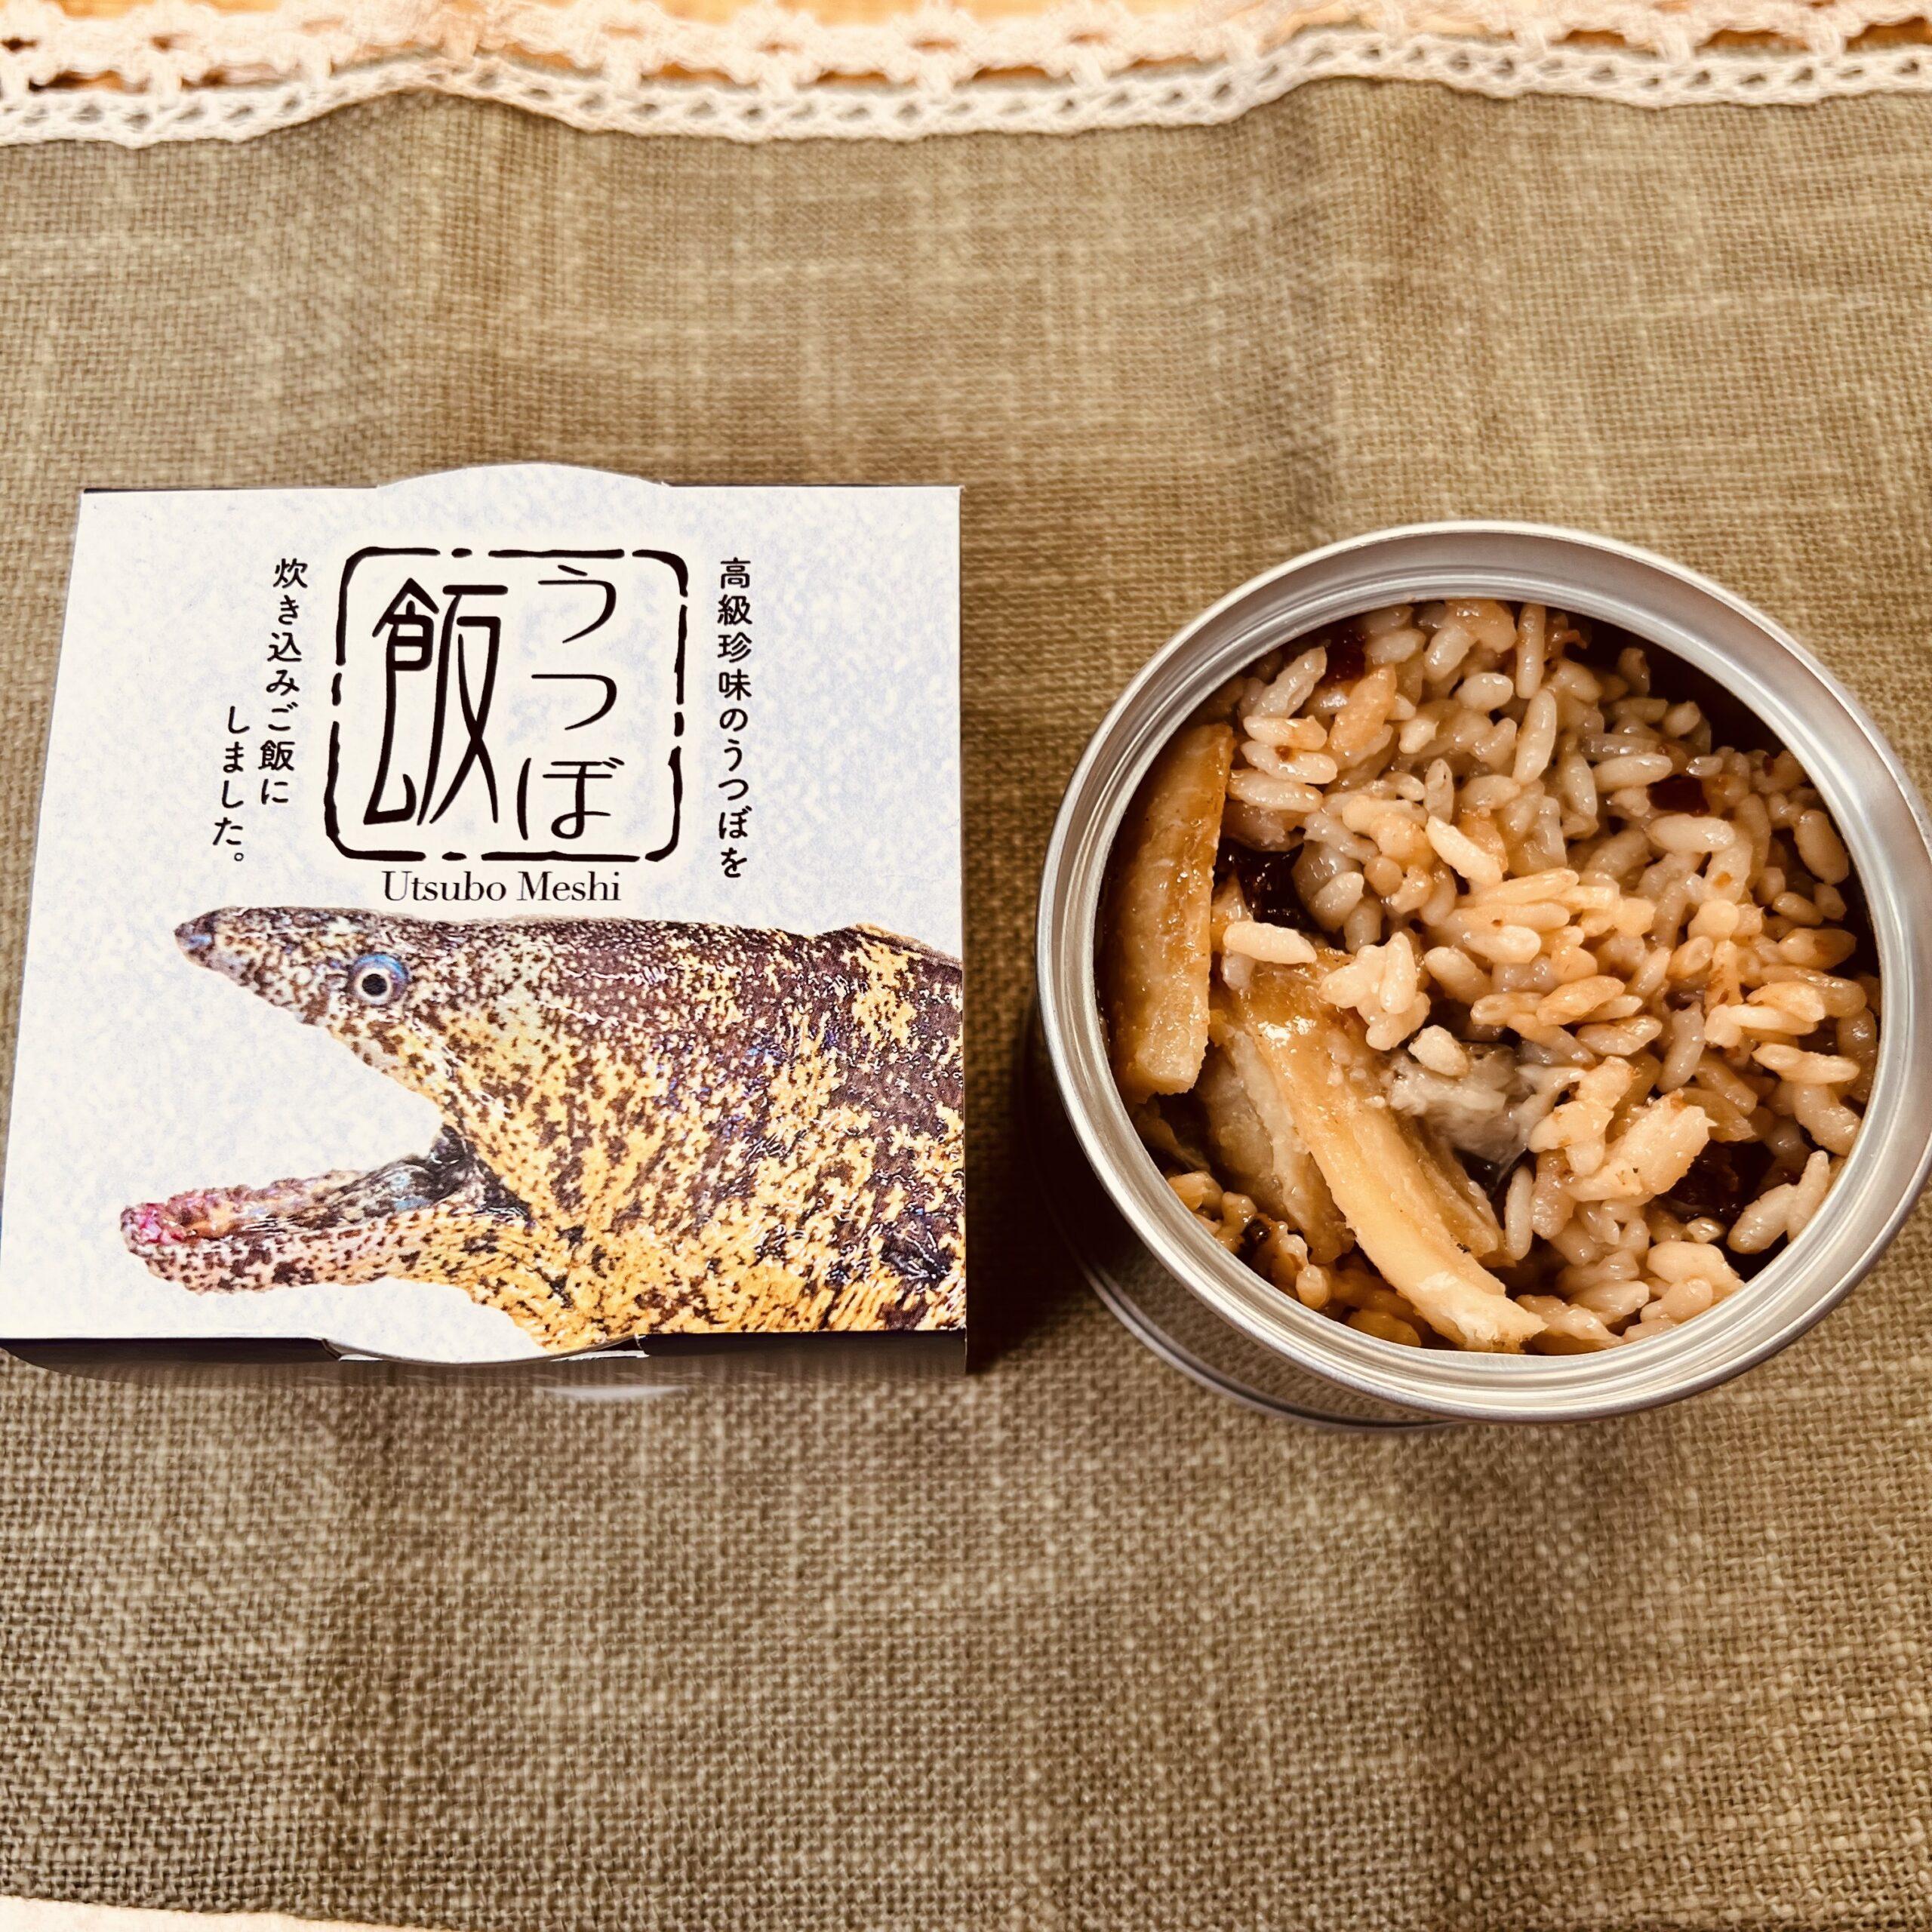 海のギャング「うつぼ」が缶詰になりました! 珍しく話題性が高いので、SNSのネタ作り、お土産にどうぞ!【ウツボショップ釣太郎キッチン】